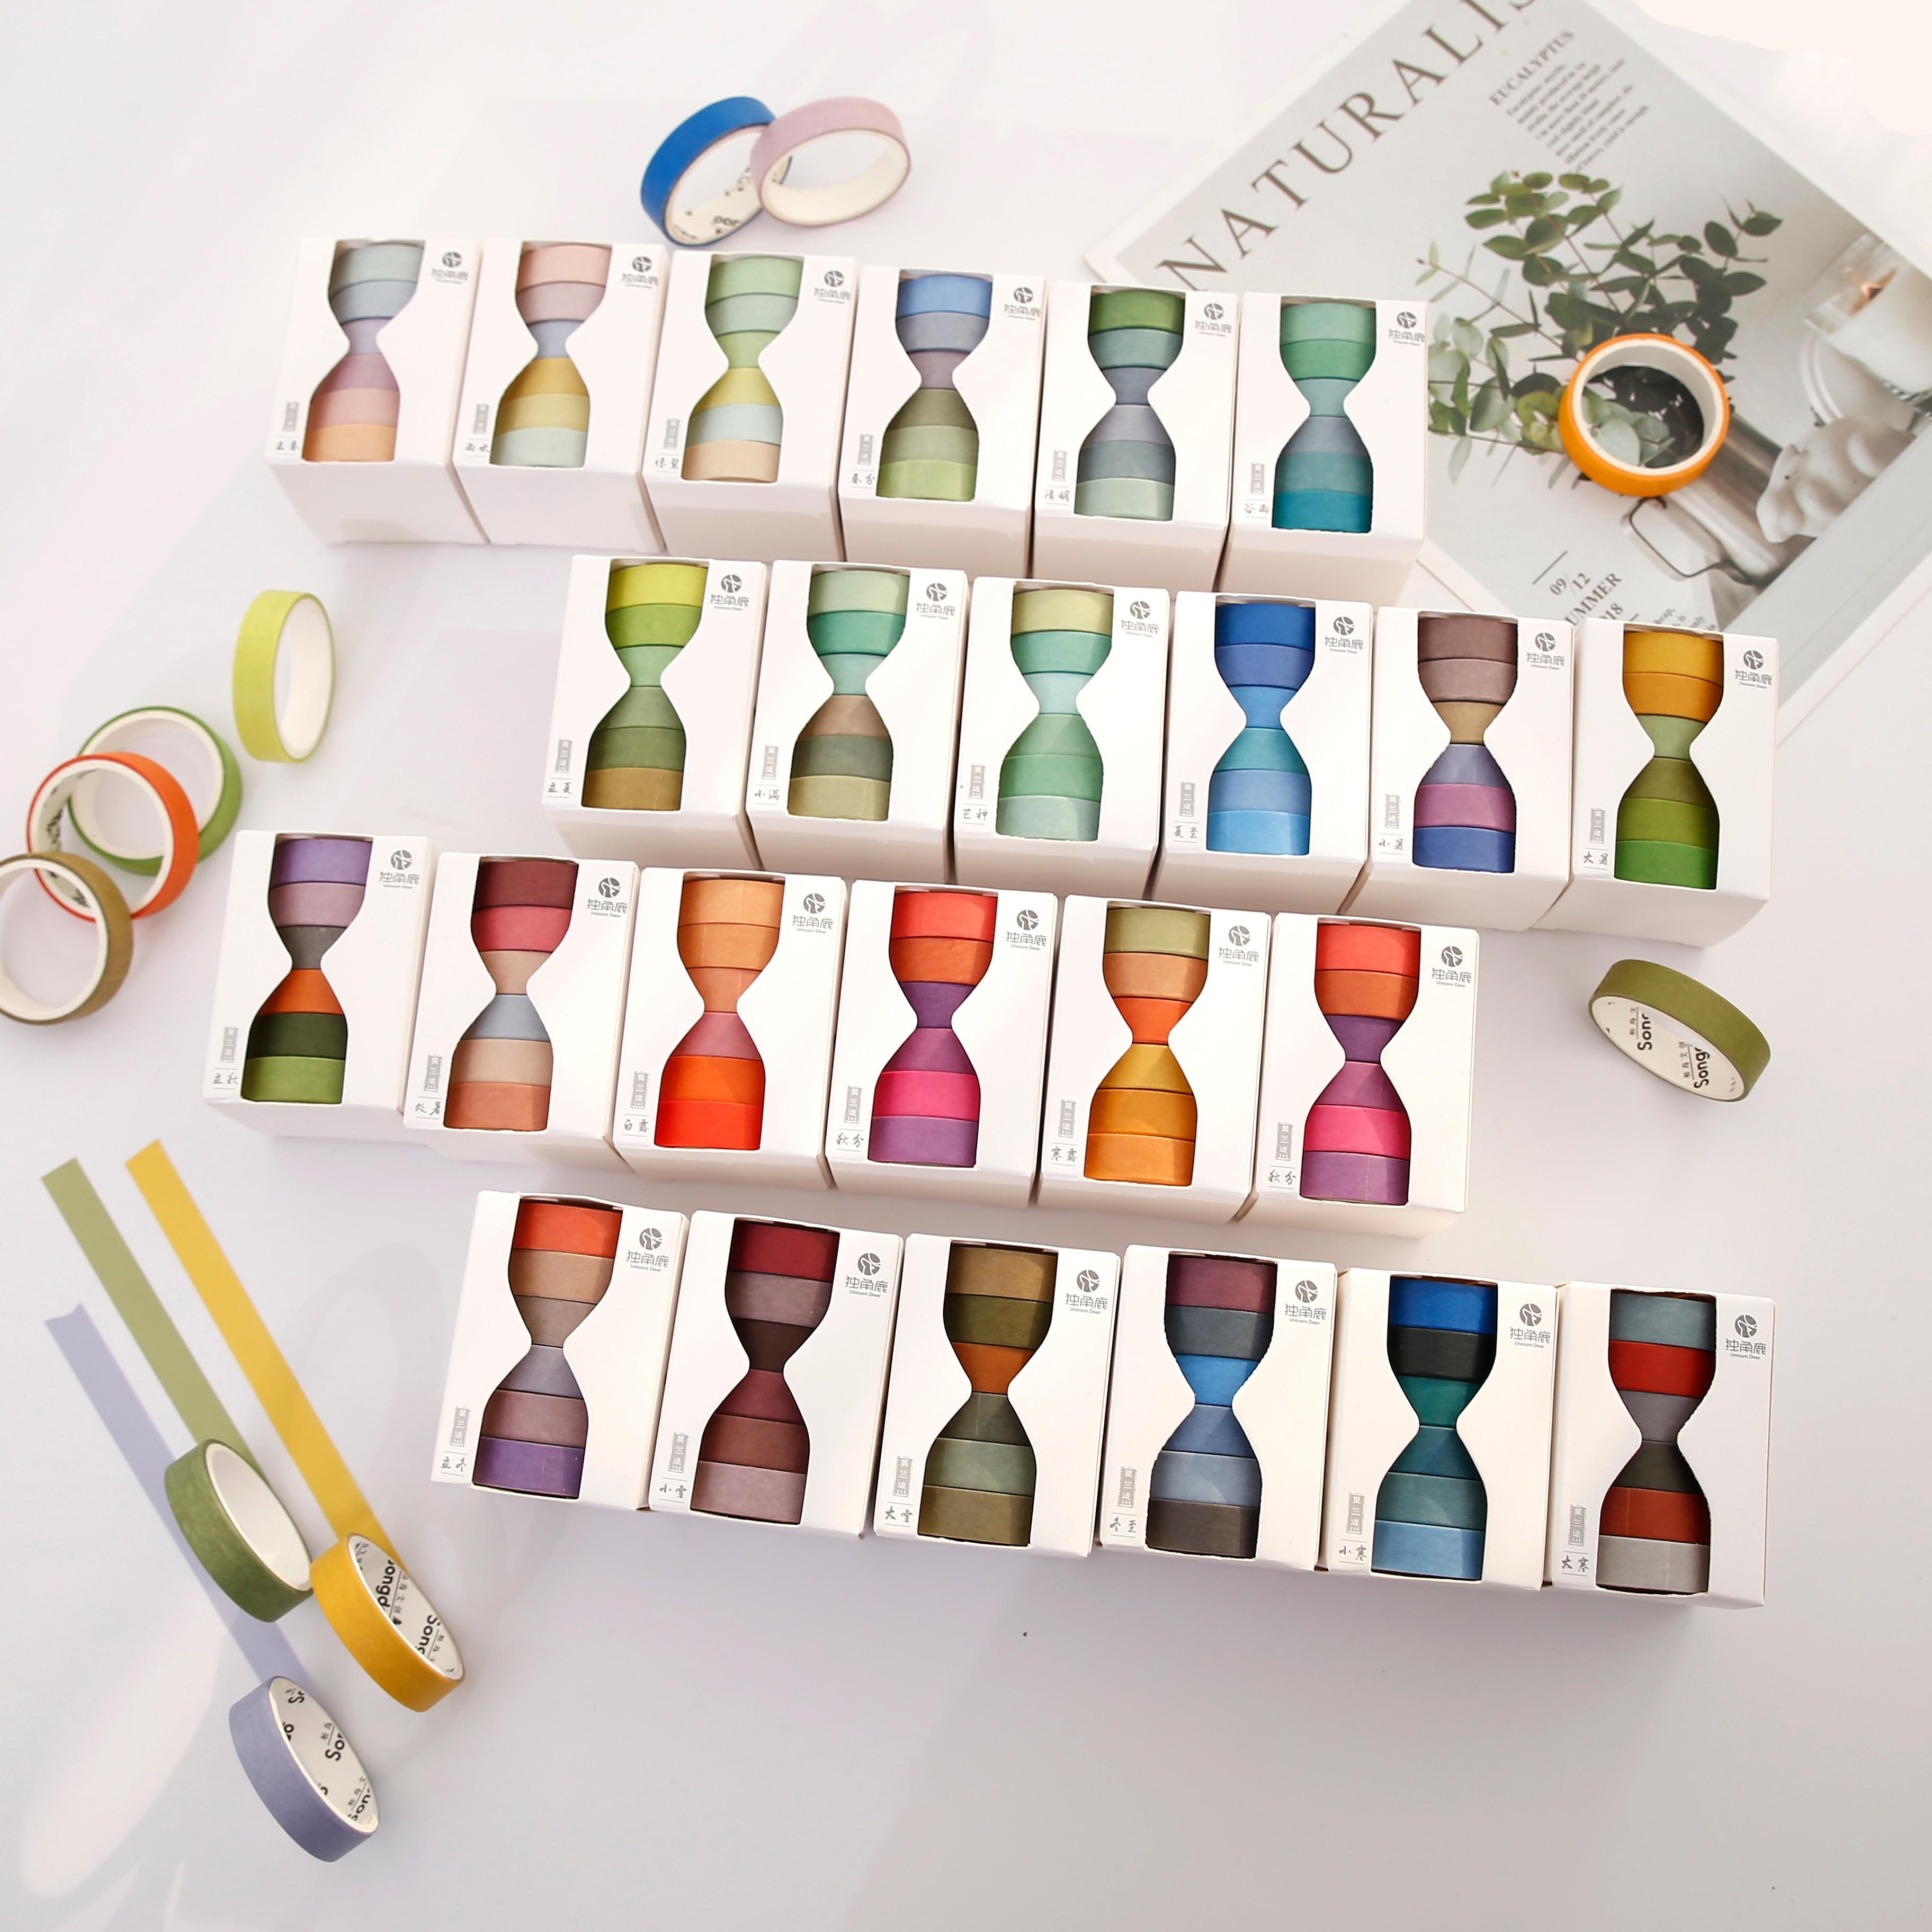 24 termos solares papel washi fita conjunto primavera inverno temporada cor 9mm adesivo fitas de mascaramento diário álbum adesivos decoração a6407